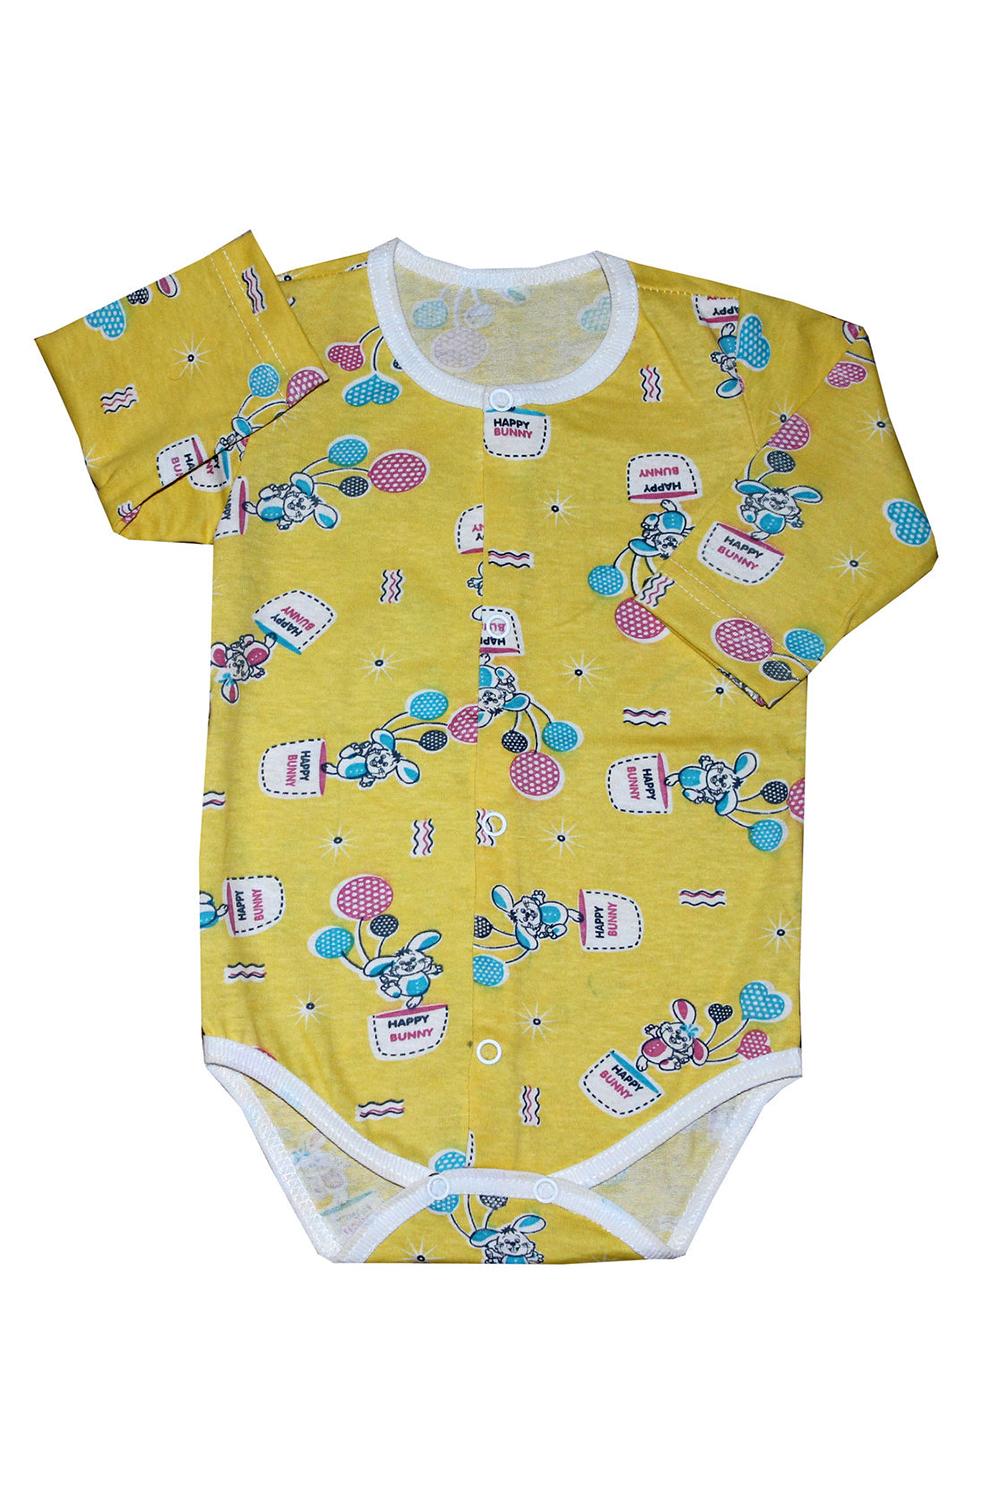 БодиКофточки<br>Хлопковое боди для новорожденного  В изделии использованы цвета: желтый, мультицвет  Размер соответствует росту ребенка.<br><br>По сезону: Всесезон<br>Размер : 74<br>Материал: Хлопок<br>Количество в наличии: 1